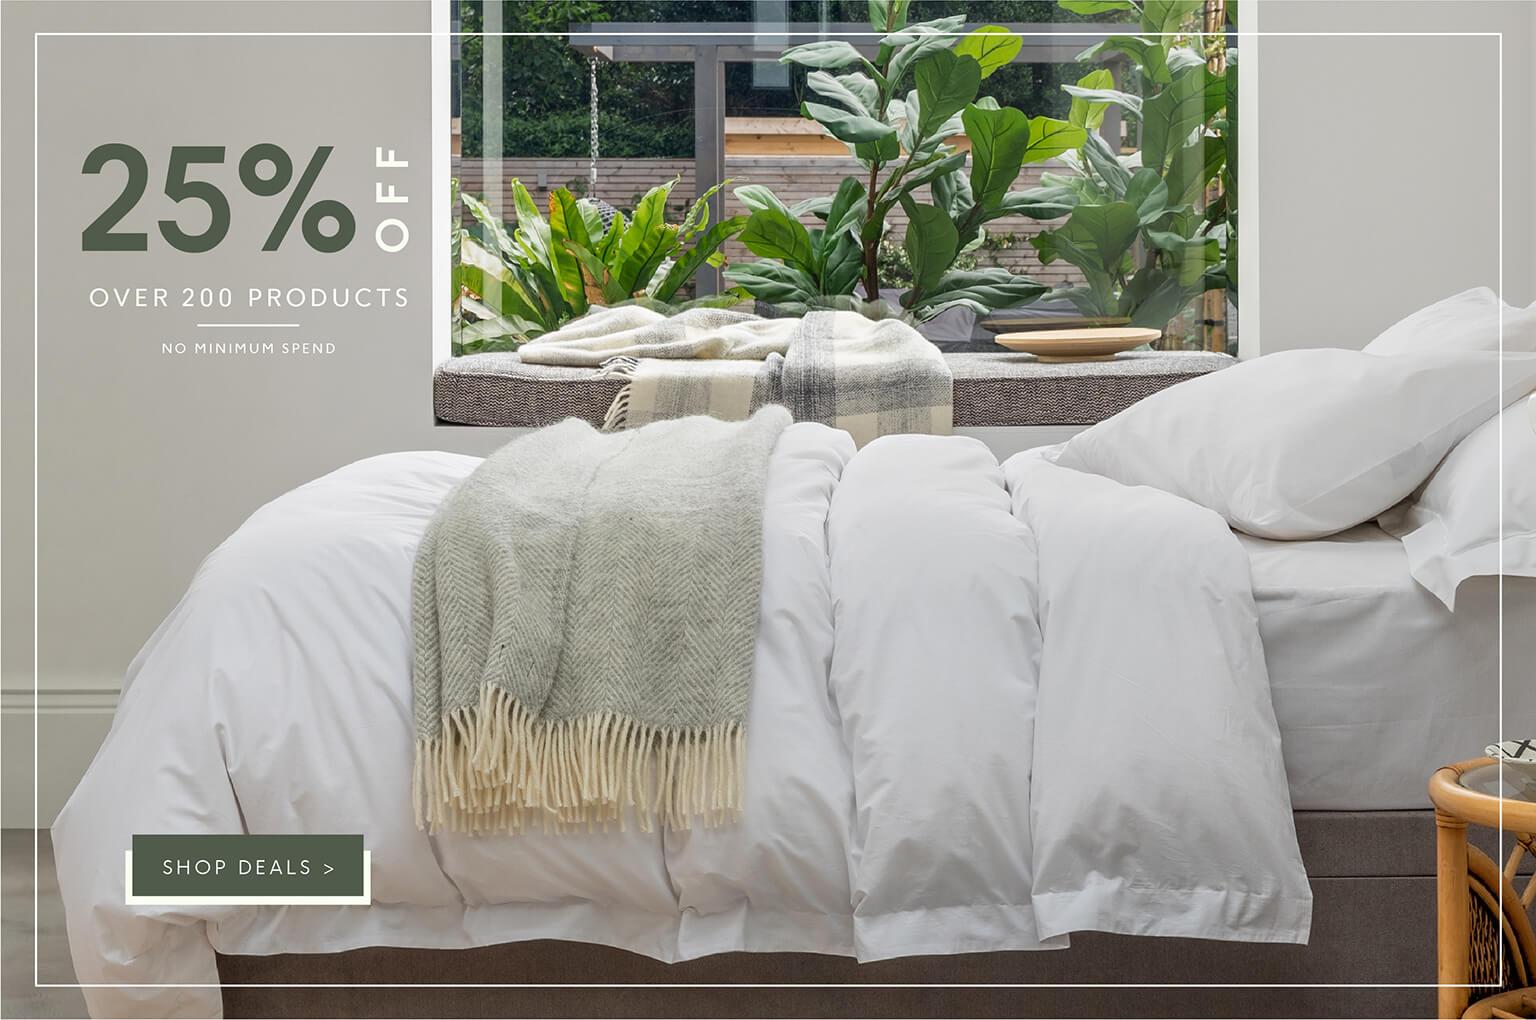 25% Off Deals